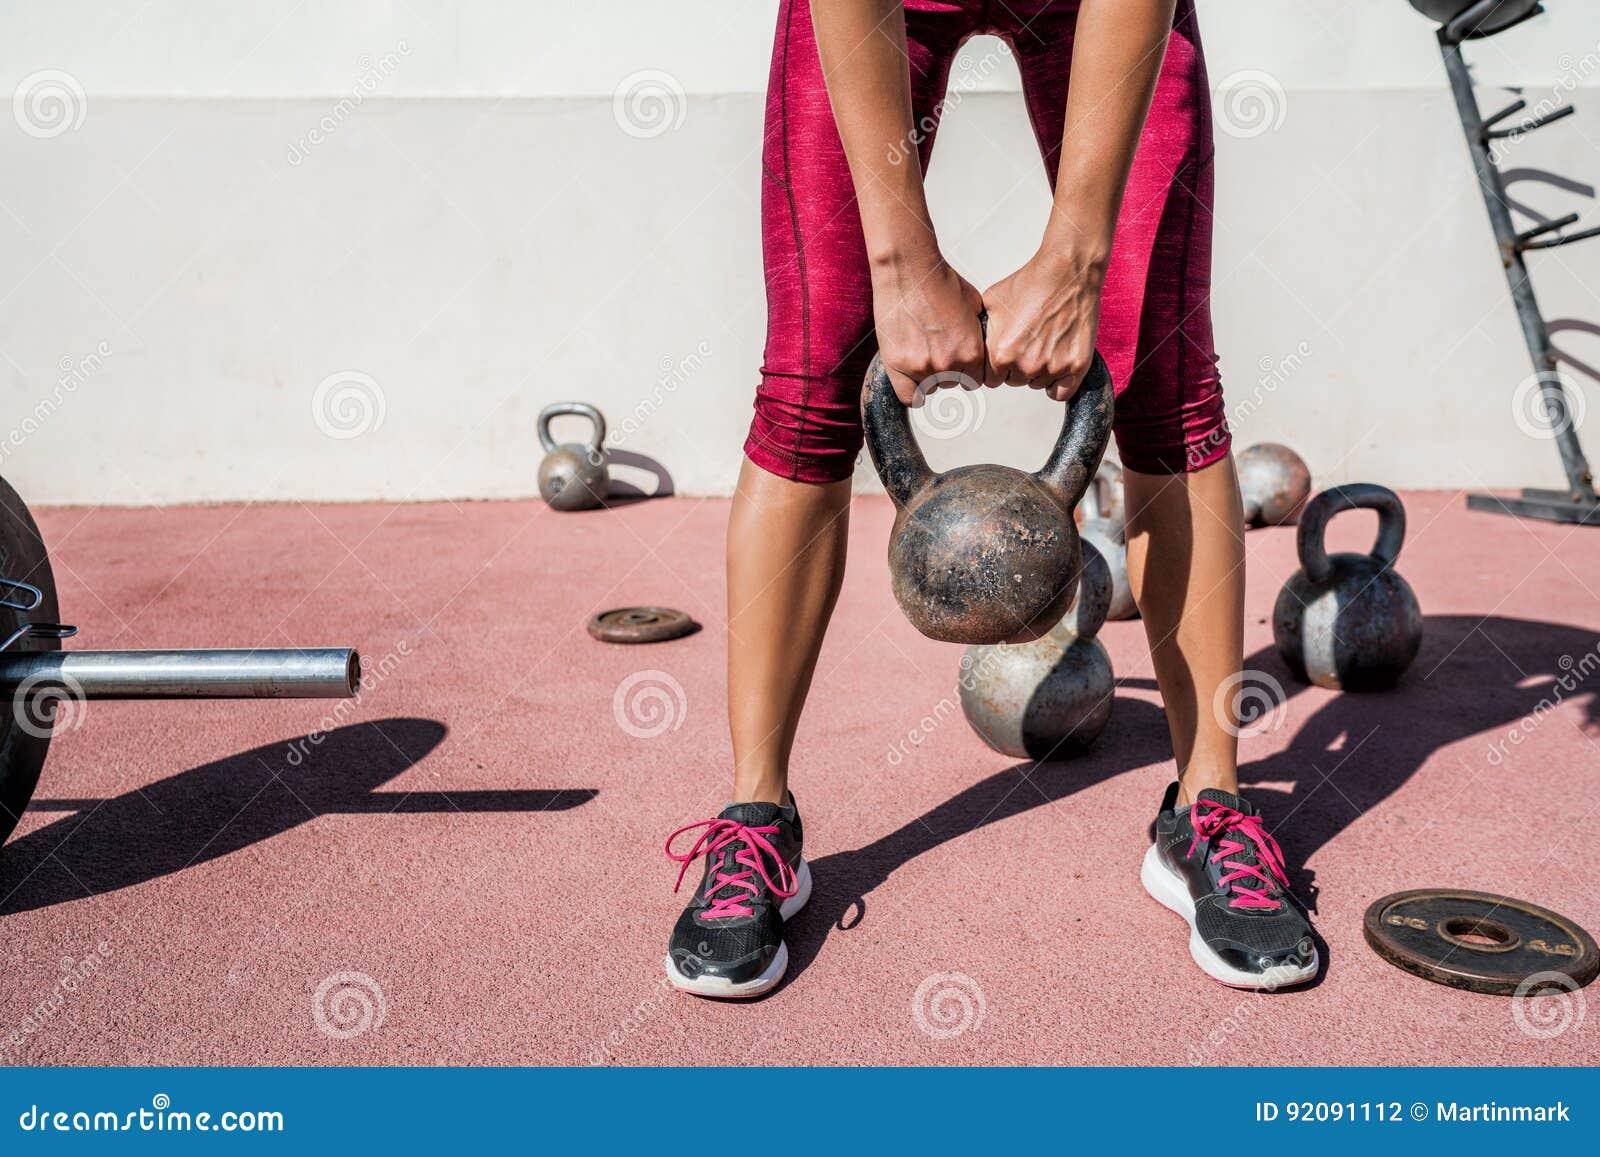 健身健身房女子举重kettlebell重量